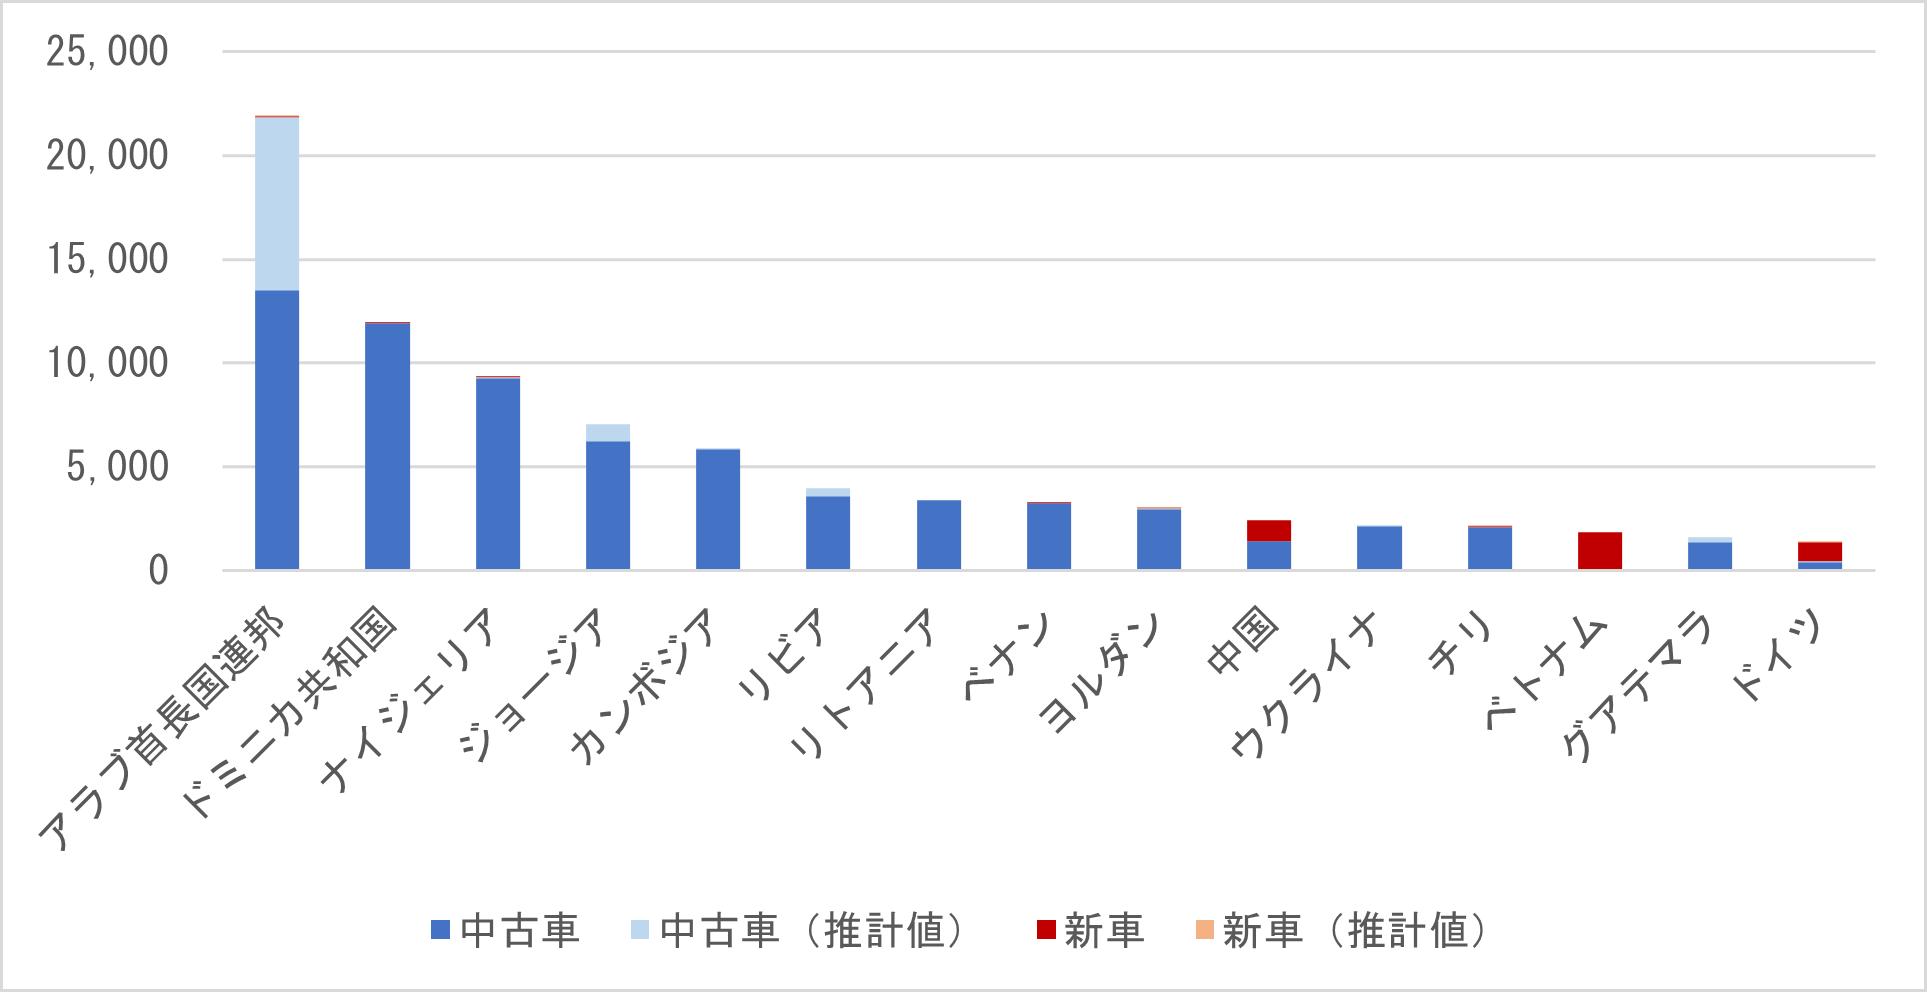 図 6 アメリカのプラグインハイブリッド車の輸出台数(主要仕向地別、2019年)